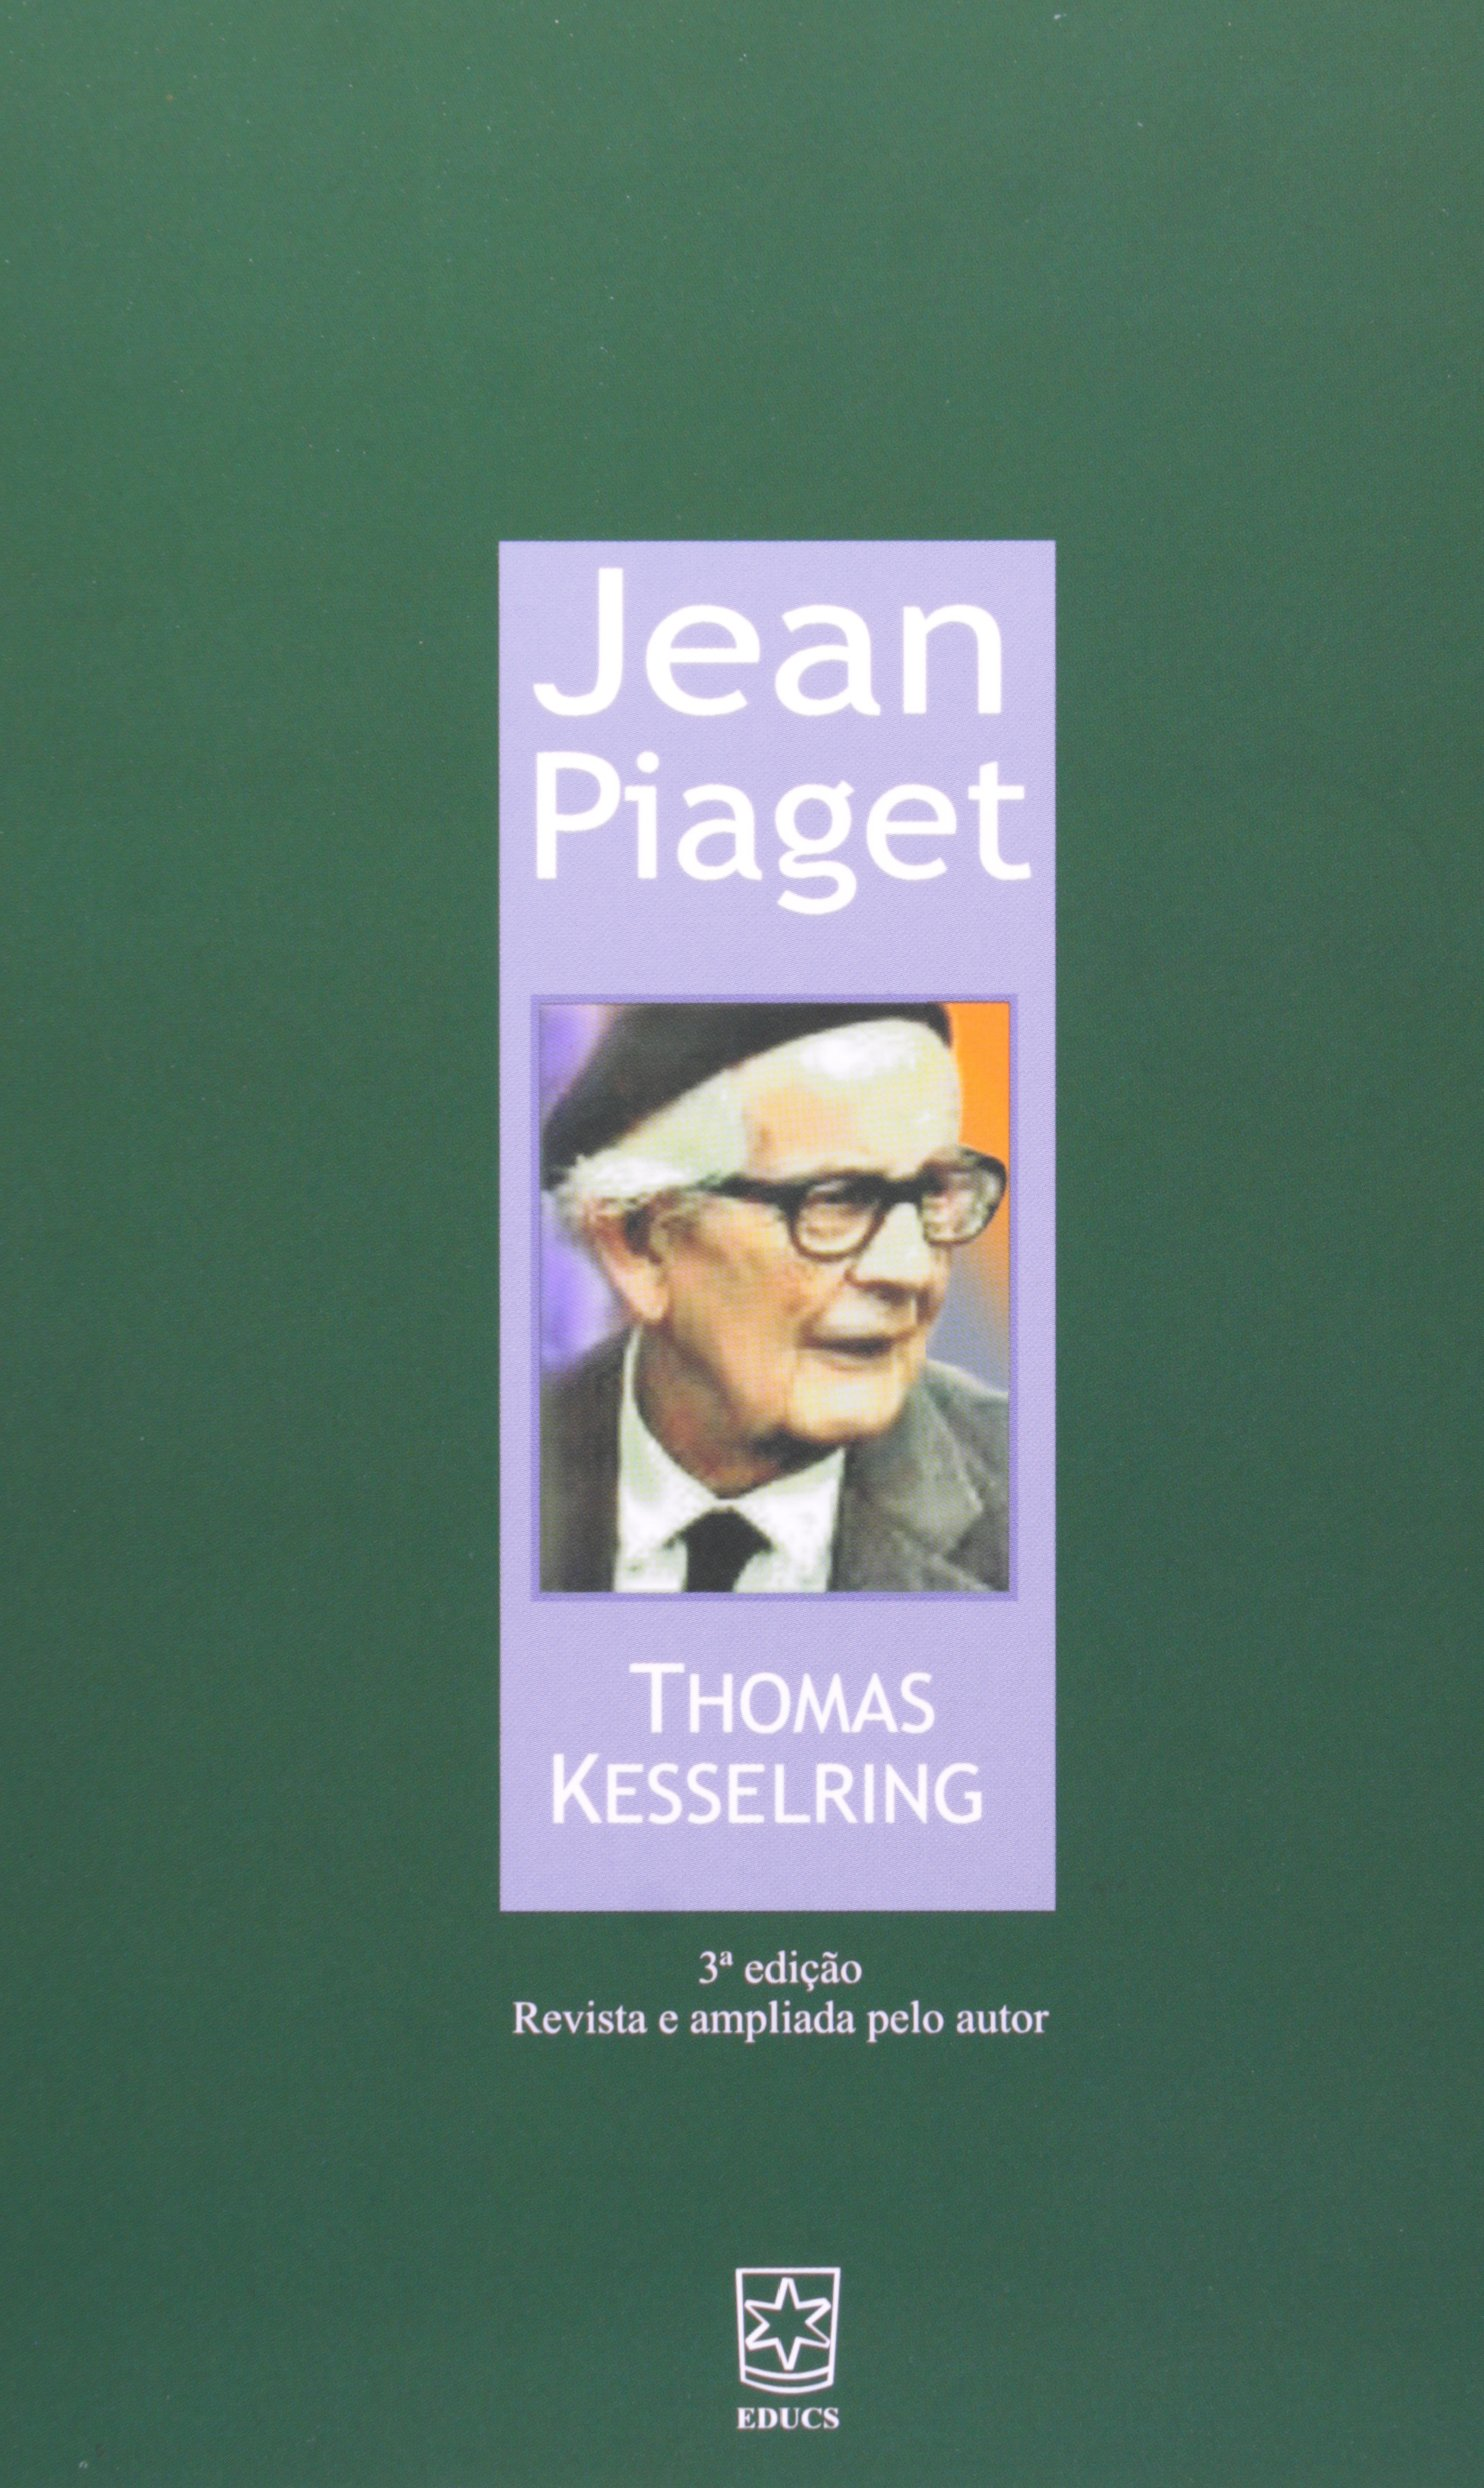 c9e731154f5 Jean Piaget (Portuguese Brazilian) Paperback – 2008. by Thomas Kesselring  ...